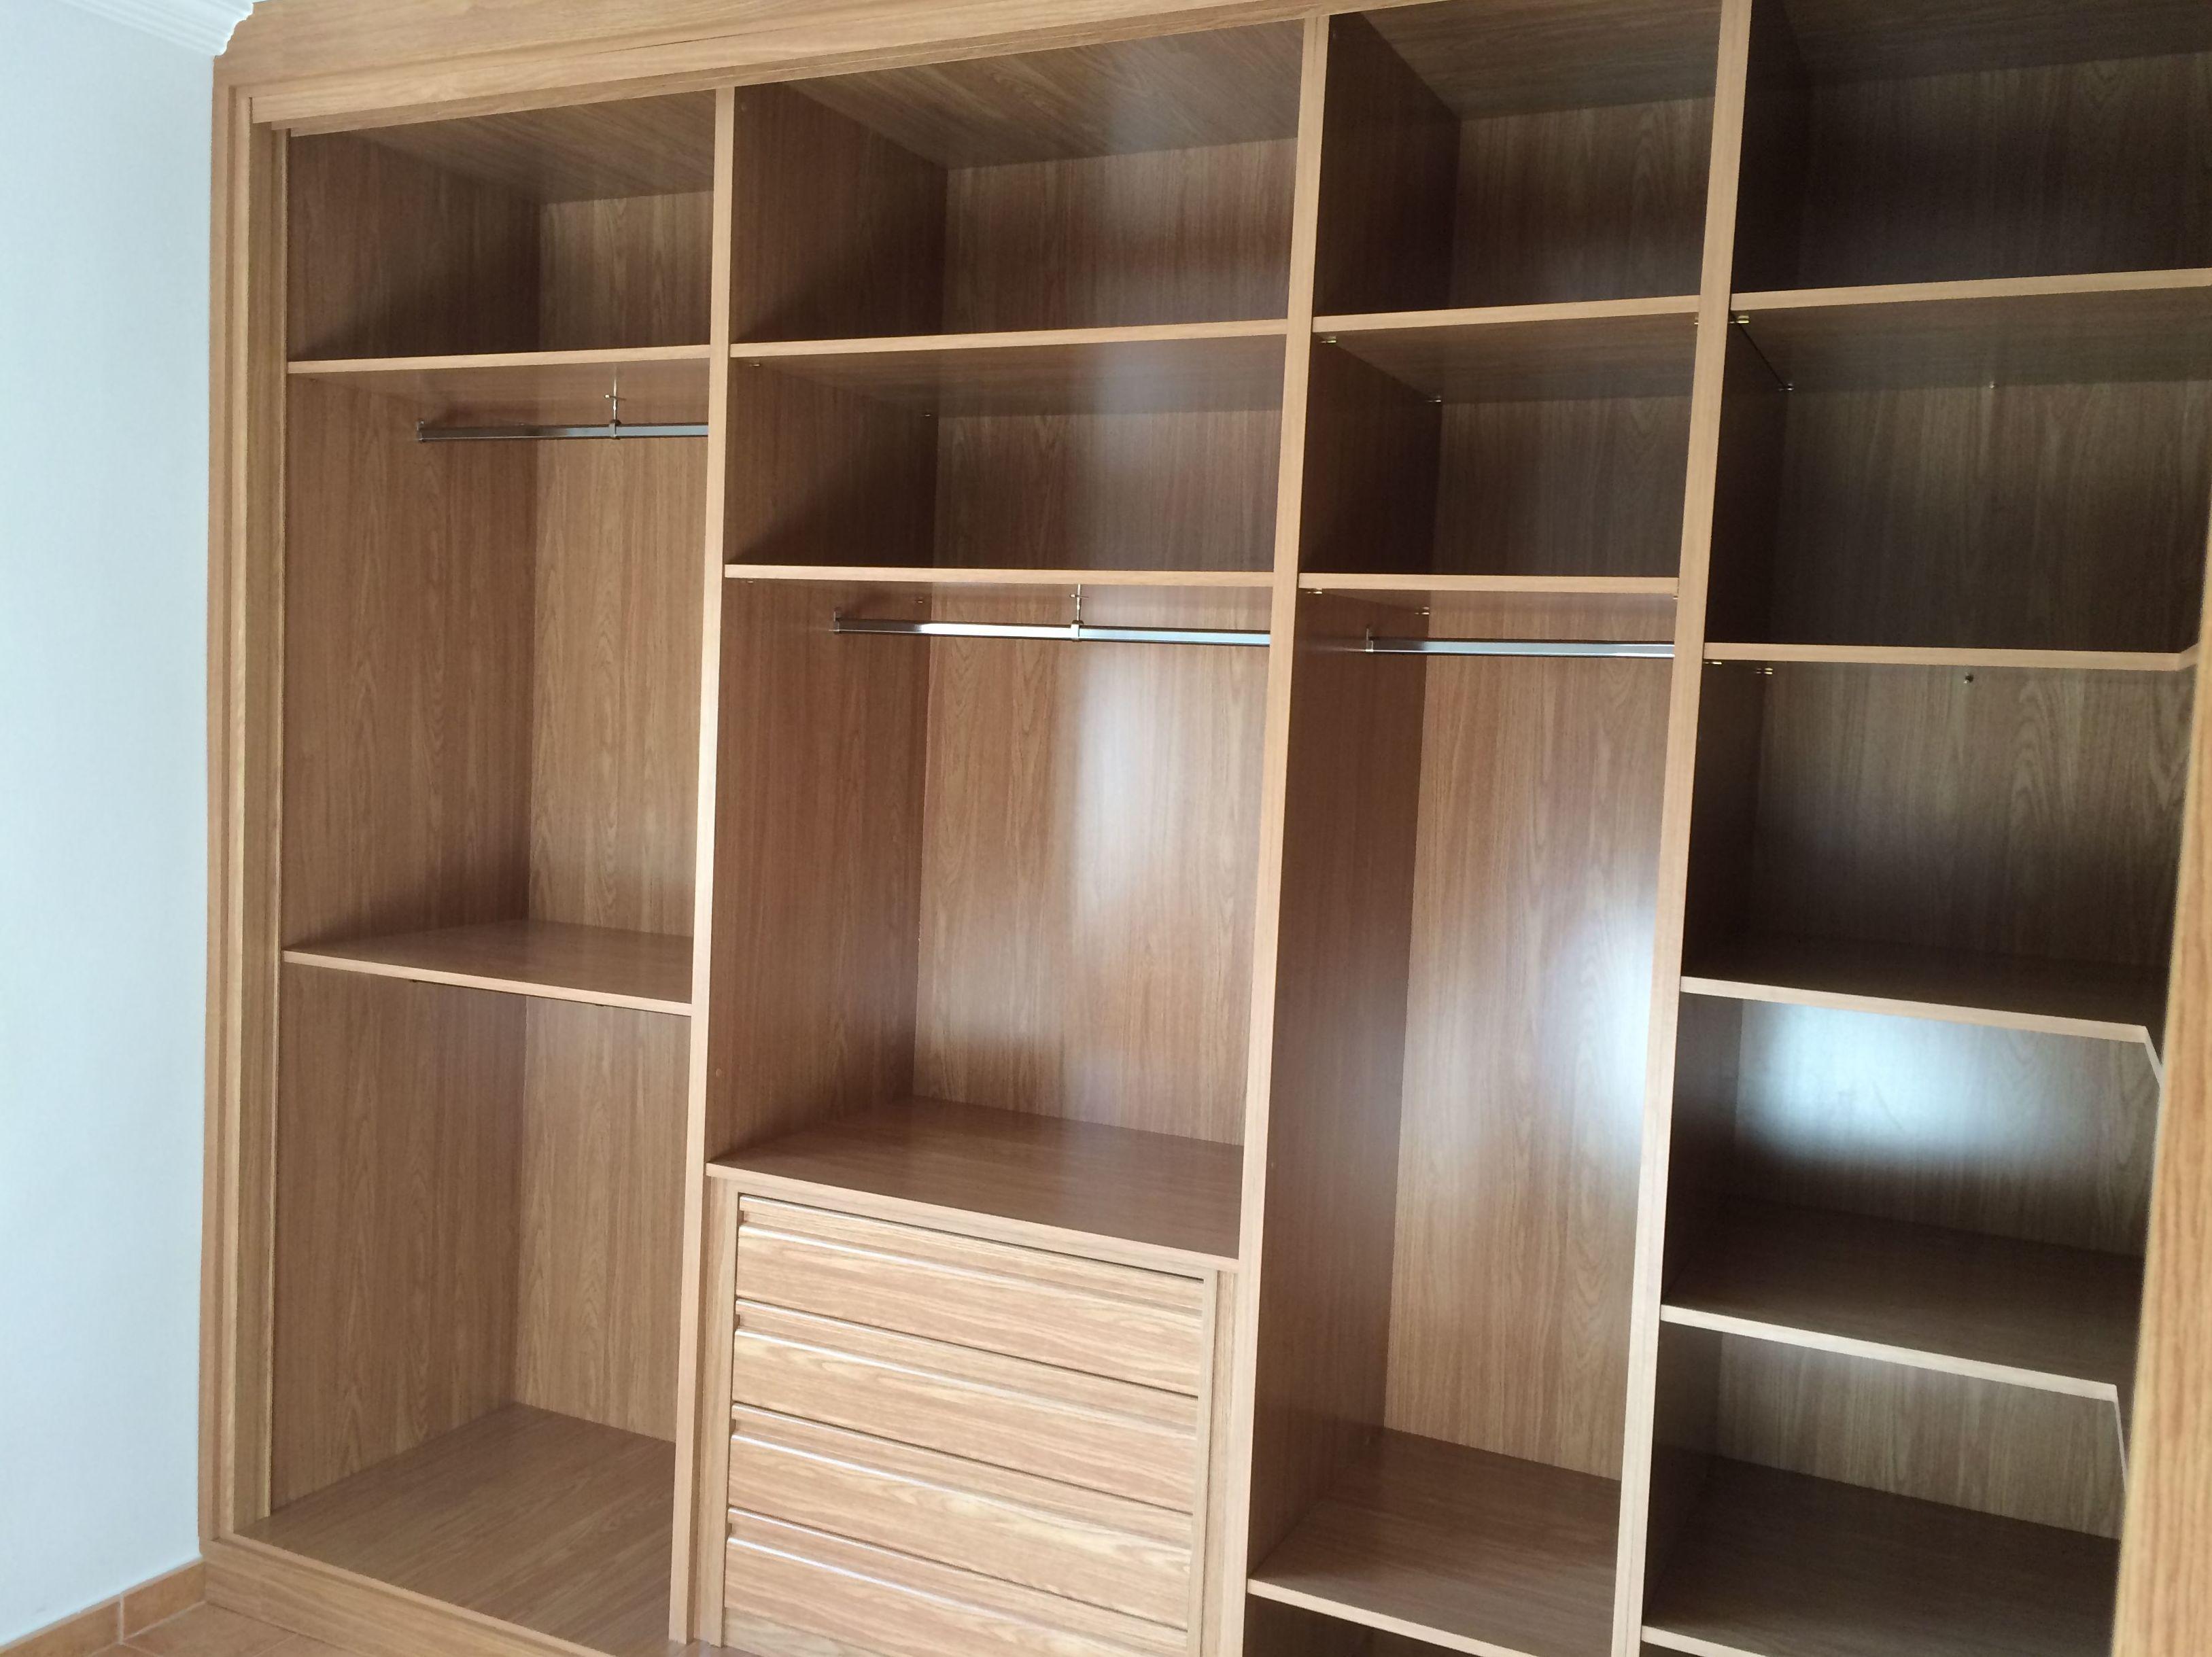 Muebles con puertas correderas interesting armario for Correderas para muebles